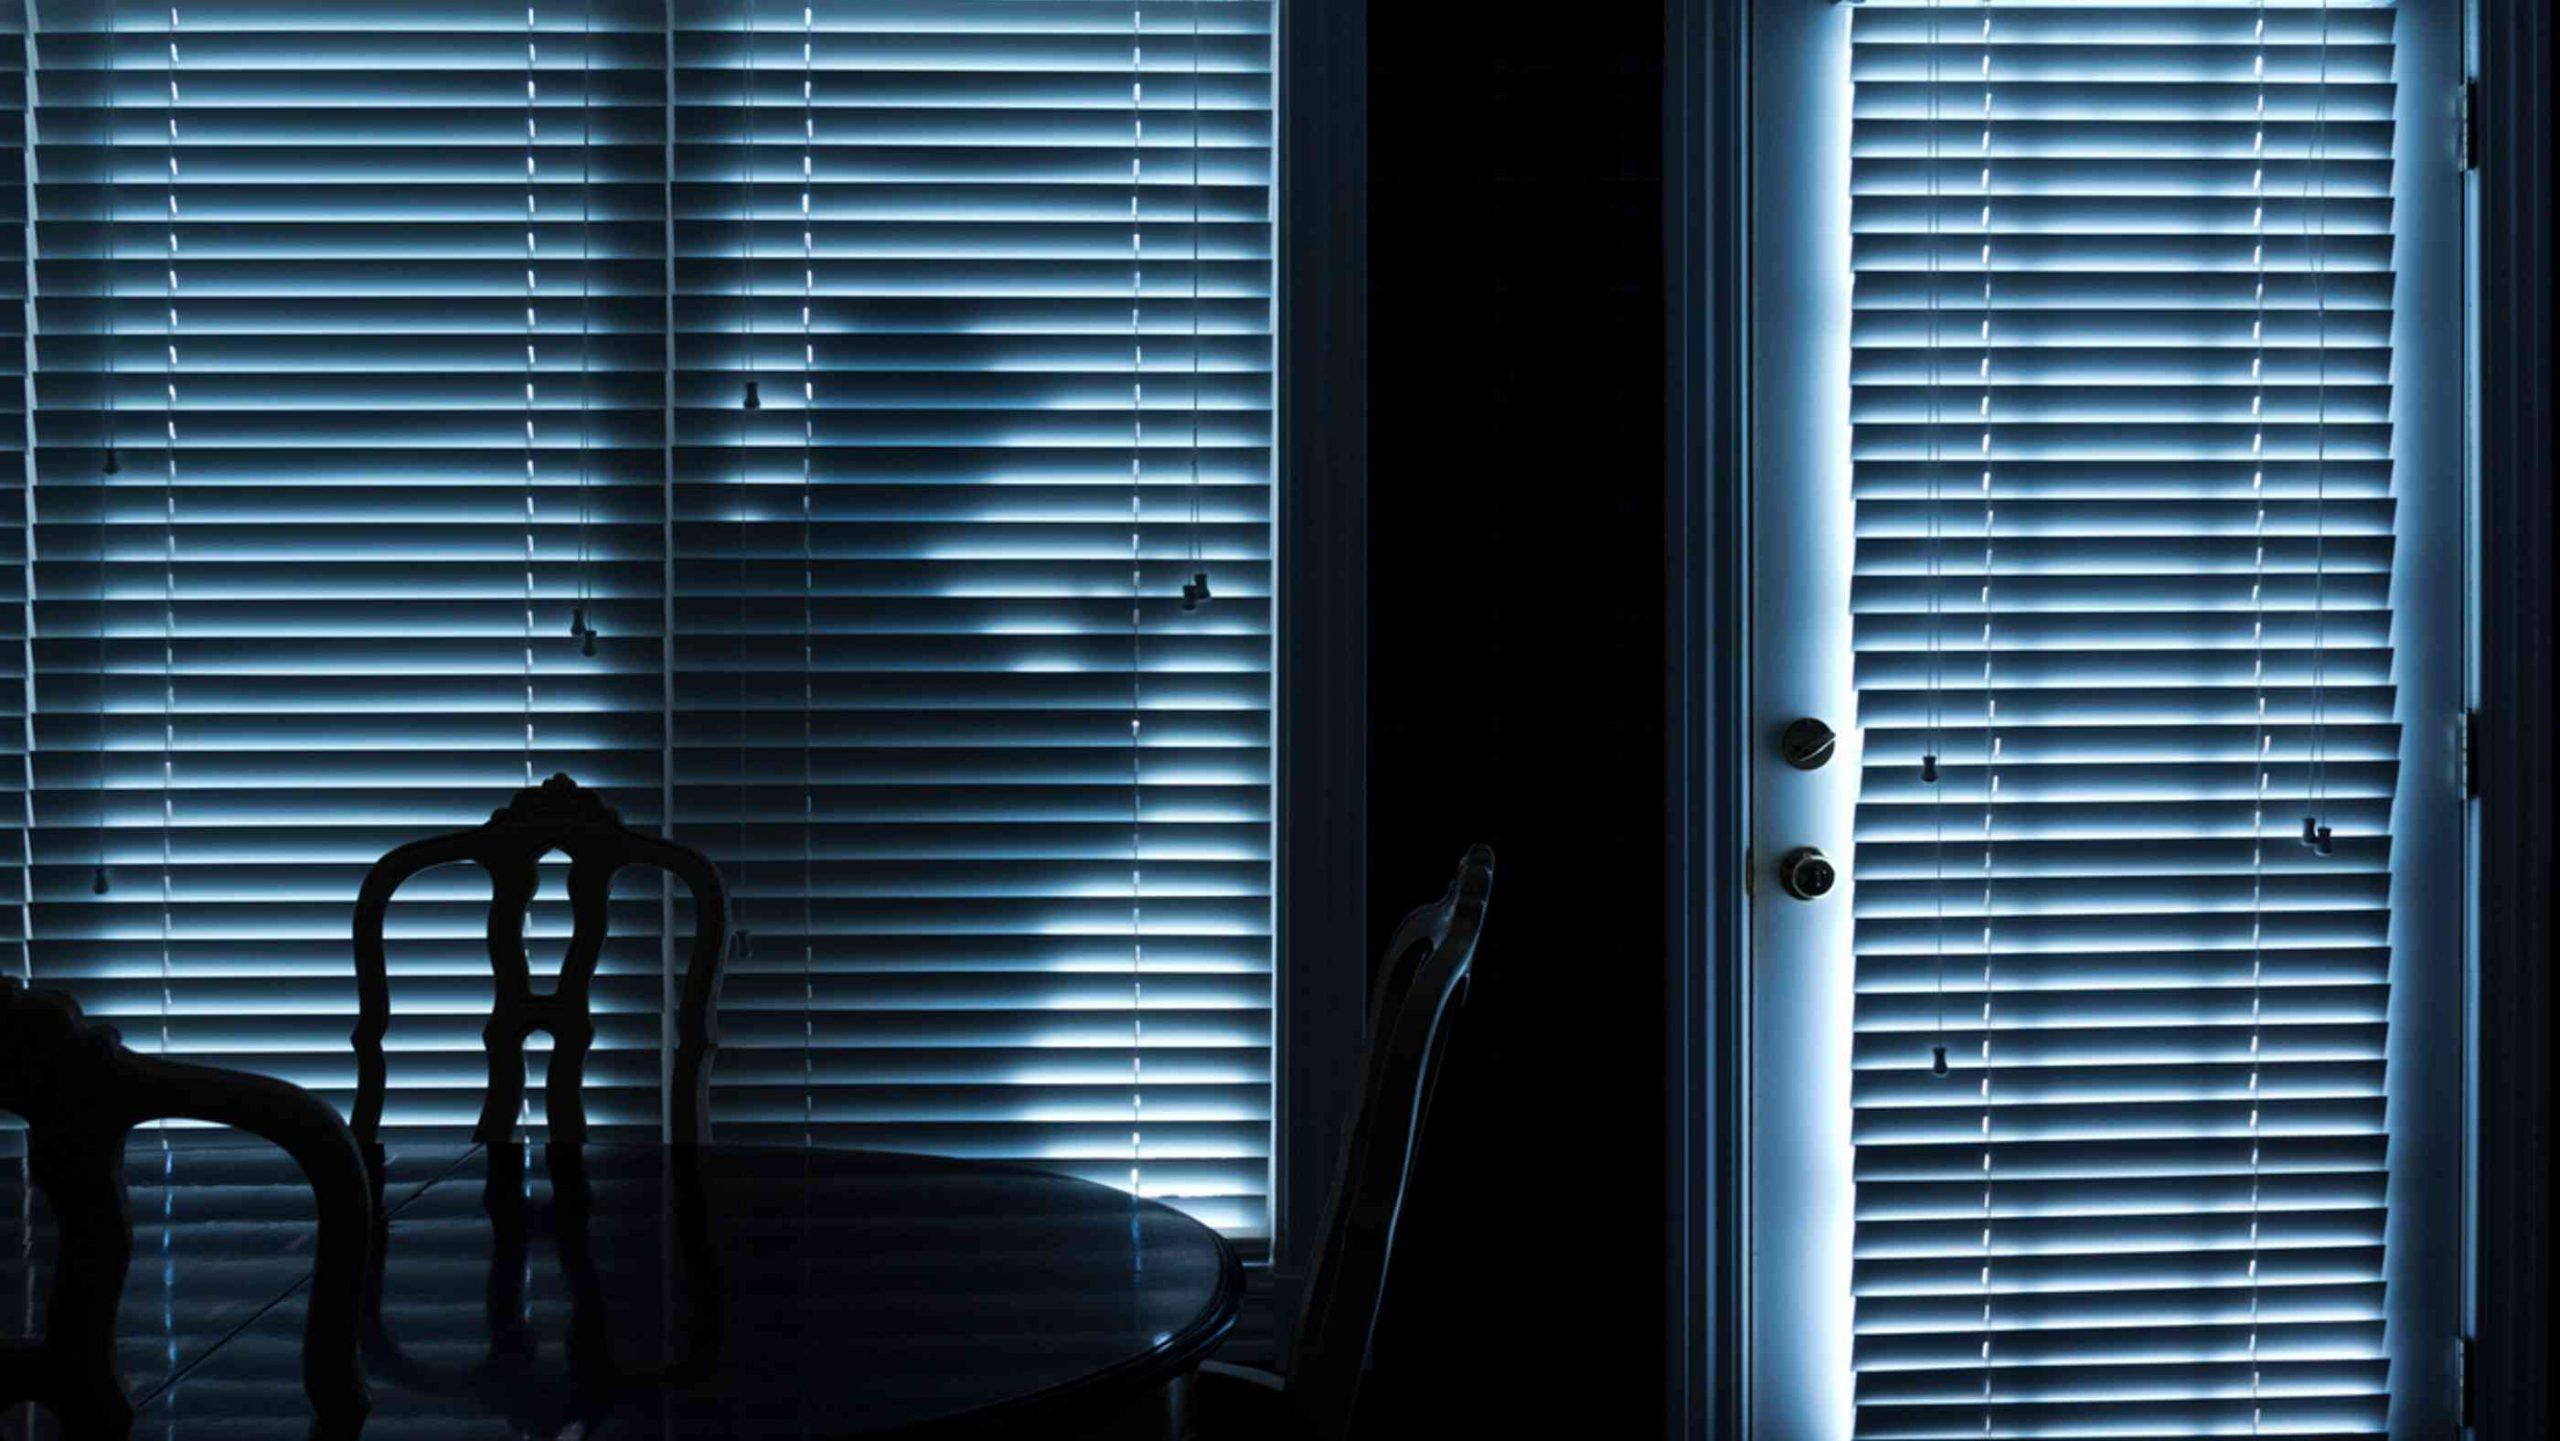 Full Size of Einbruchschutz Fenster Folie Kaufen Fenstersicherung Wie Maximalen Bieten Nachrüsten Sichtschutzfolie Einseitig Durchsichtig Sicherheitsbeschläge Jemako Mit Fenster Einbruchschutz Fenster Folie